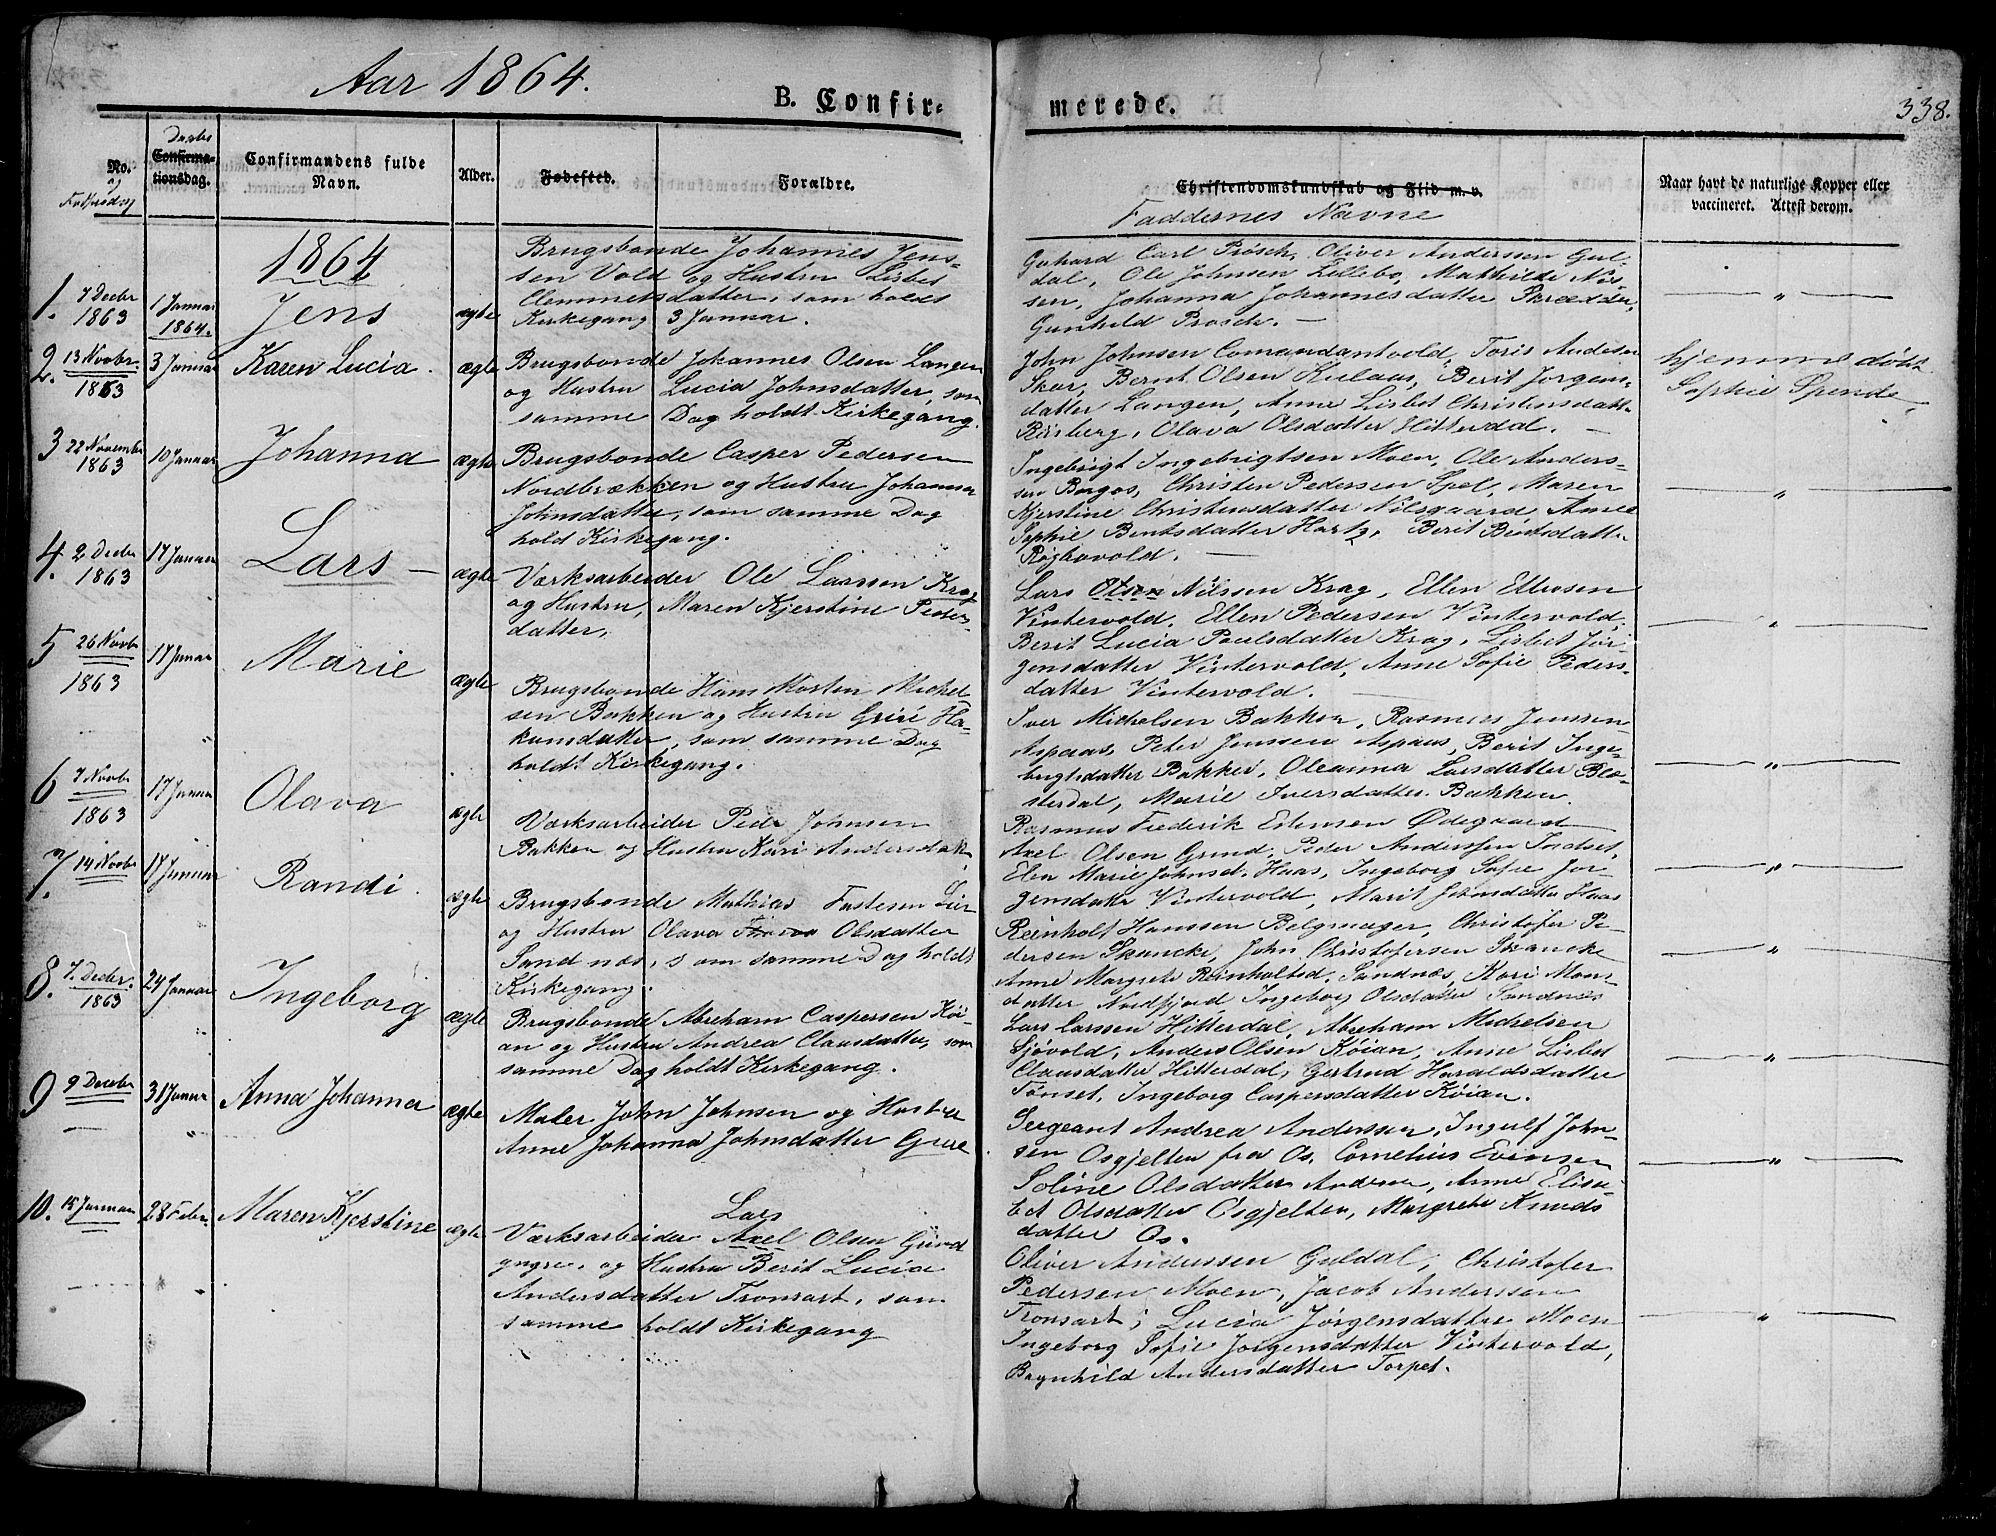 SAT, Ministerialprotokoller, klokkerbøker og fødselsregistre - Sør-Trøndelag, 681/L0938: Klokkerbok nr. 681C02, 1829-1879, s. 338